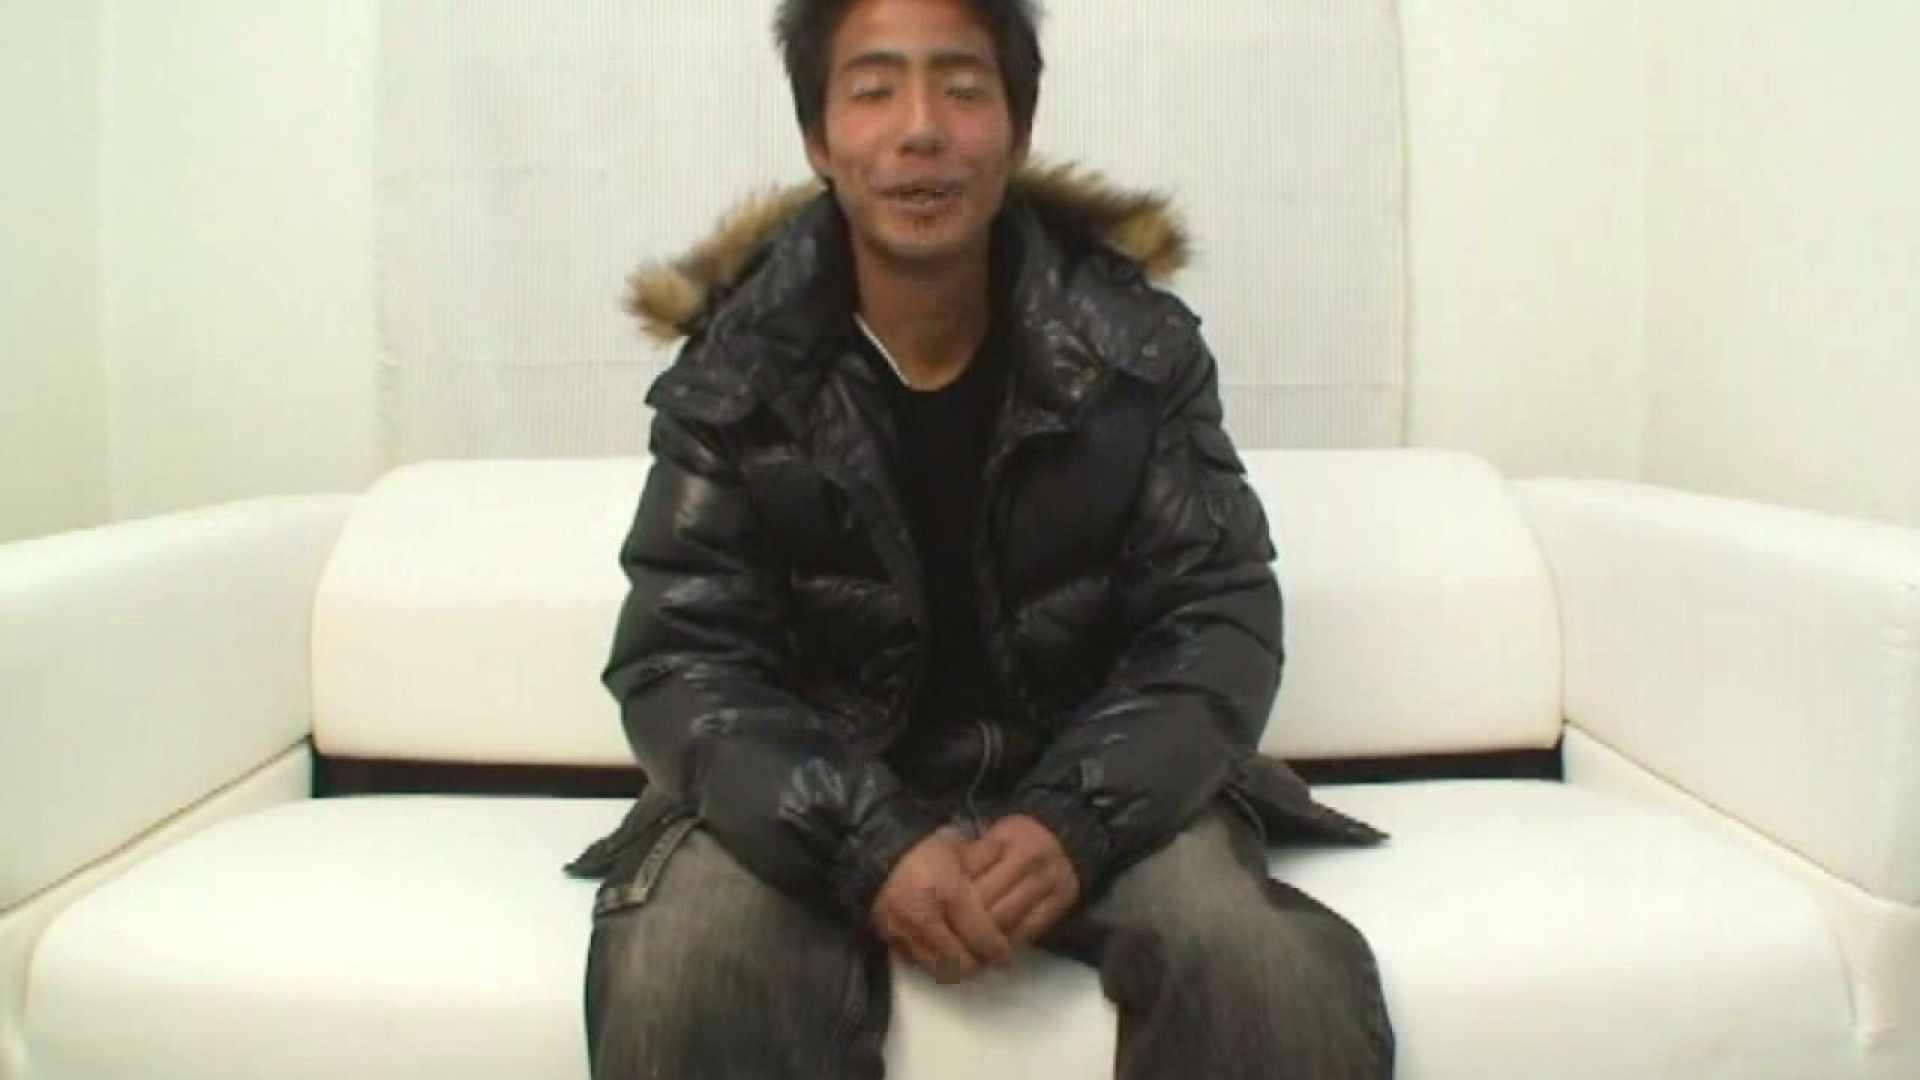 ノンケ!自慰スタジオ No.30 メンズ大学生 ゲイ無料エロ画像 95画像 23